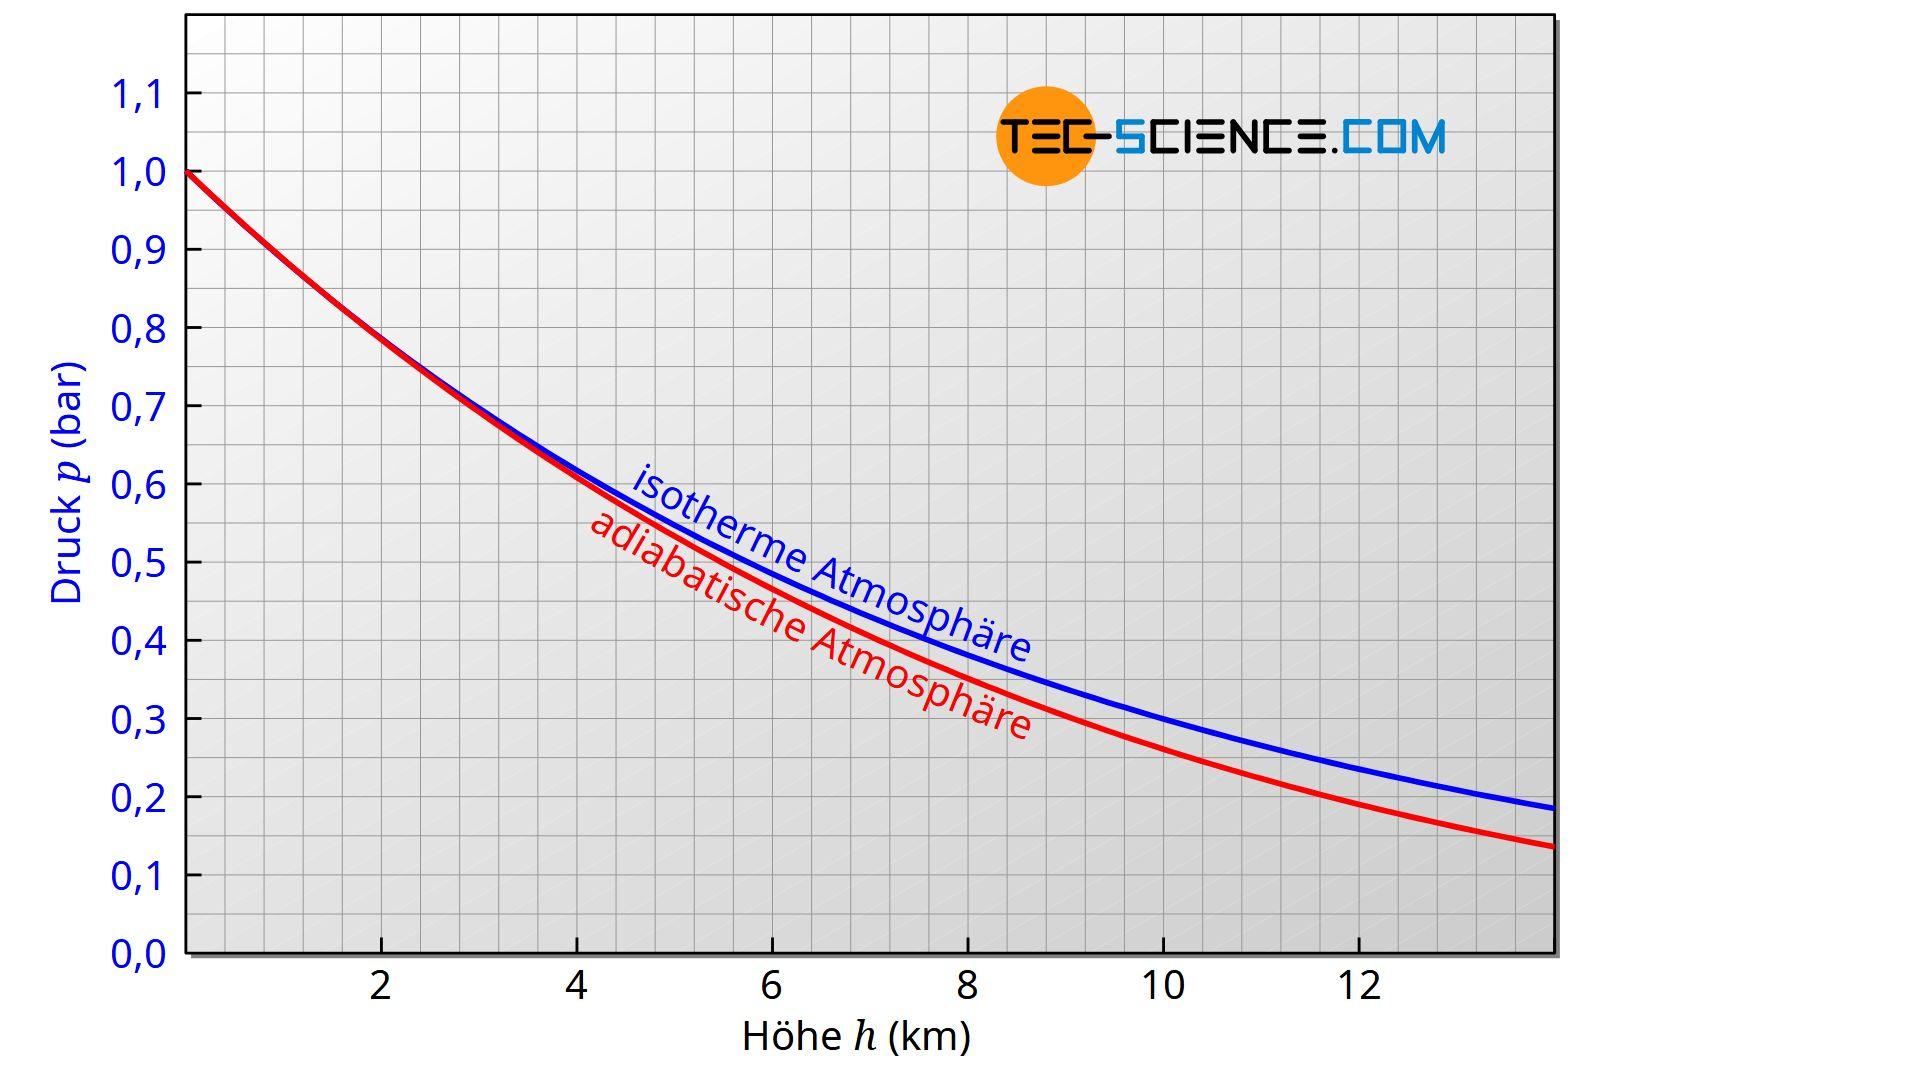 Vergleich der klassischen barometrischen Höhenformel (isotherme Atmosphäre) mit der erweiterten Höhenformel (adiabate Atmosphäre)